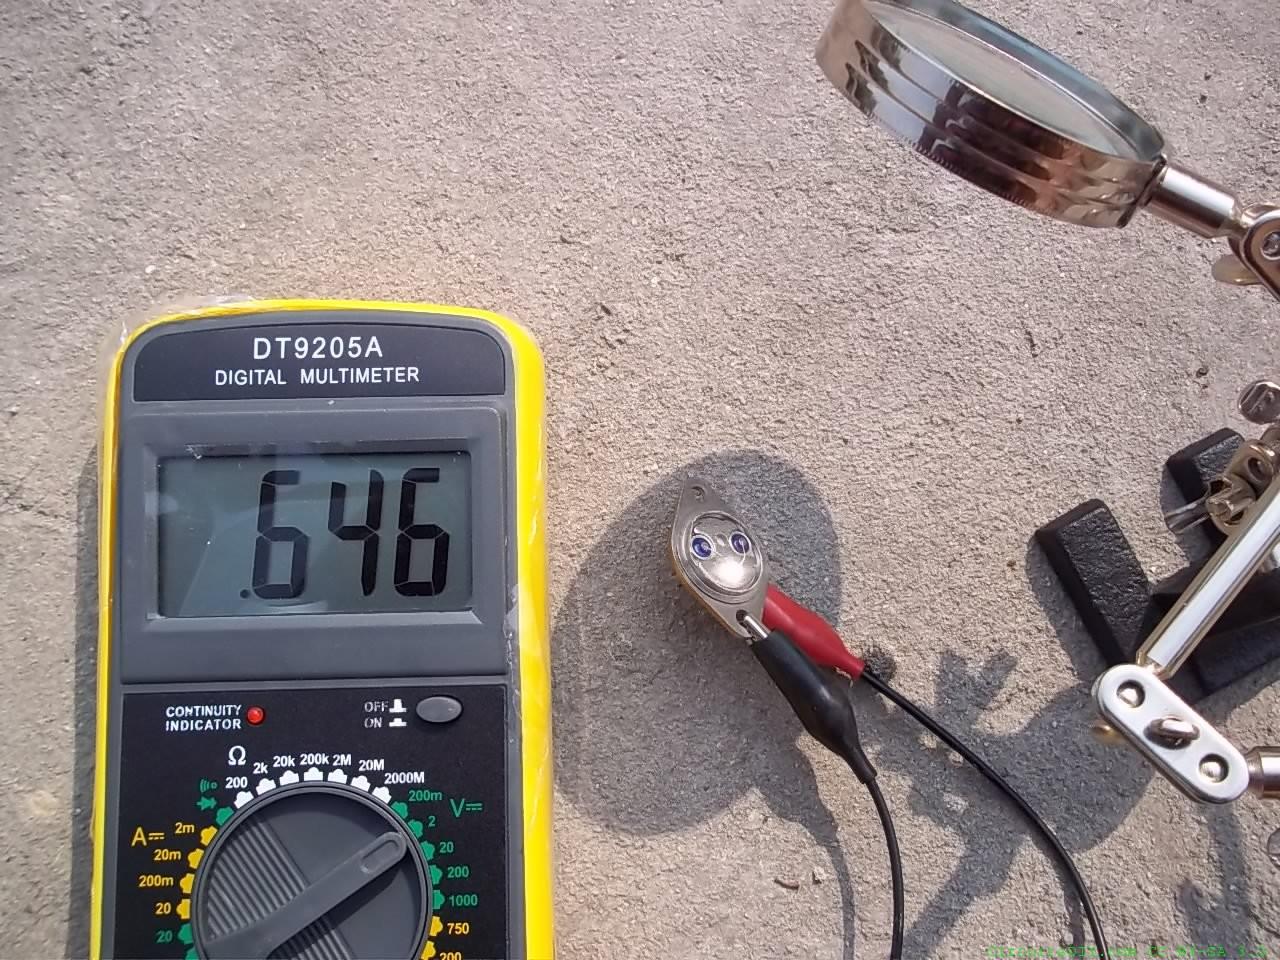 Солнечная батарея из транзисторов своими руками: пошаговая инструкция, видео по сборке